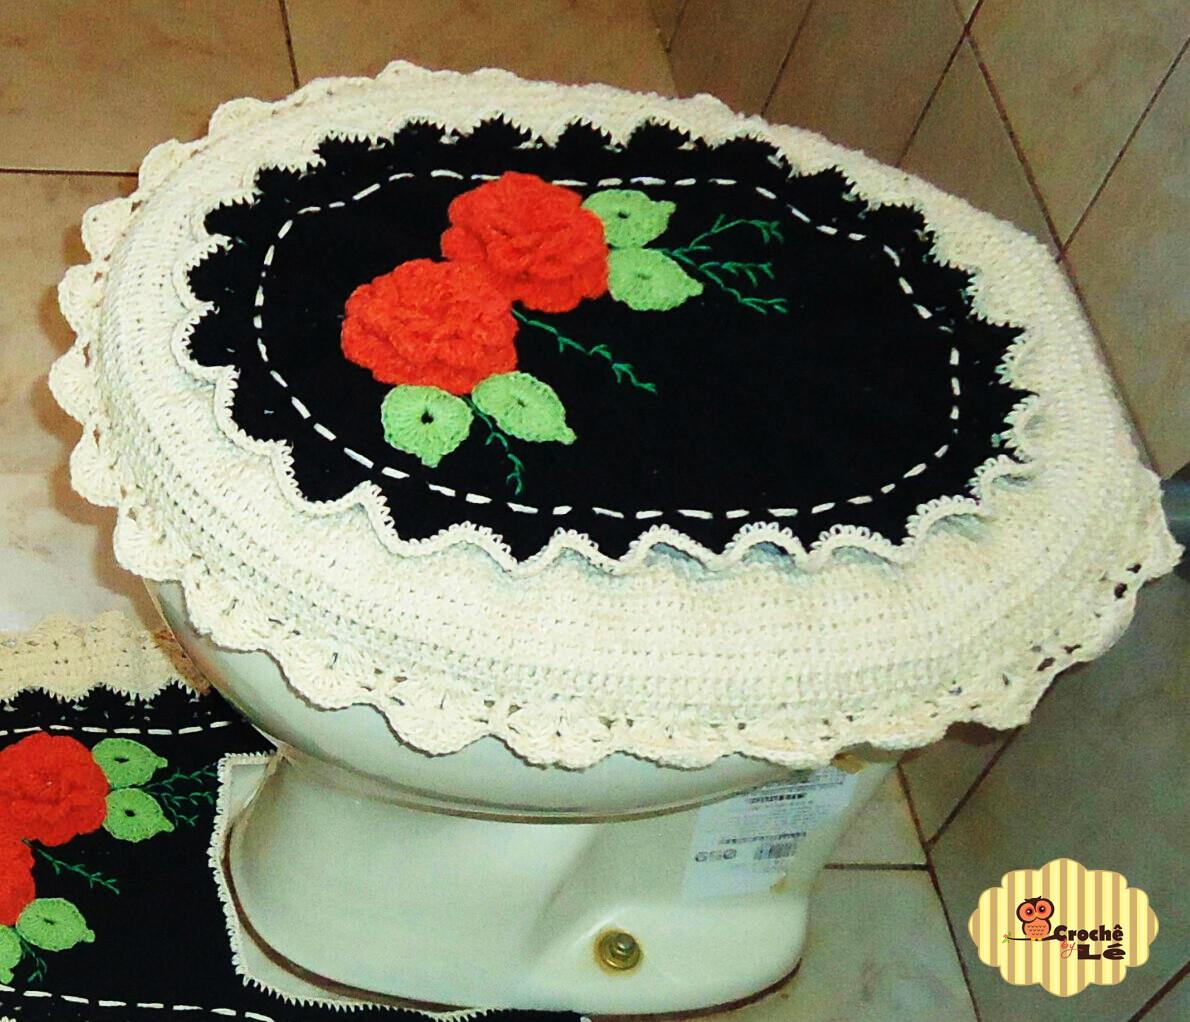 Jogo De Banheiro De Crochê 3 Peças Frete Grátis Pictures to pin on  #B62615 1190x1022 Balança Para Banheiro Frete Gratis